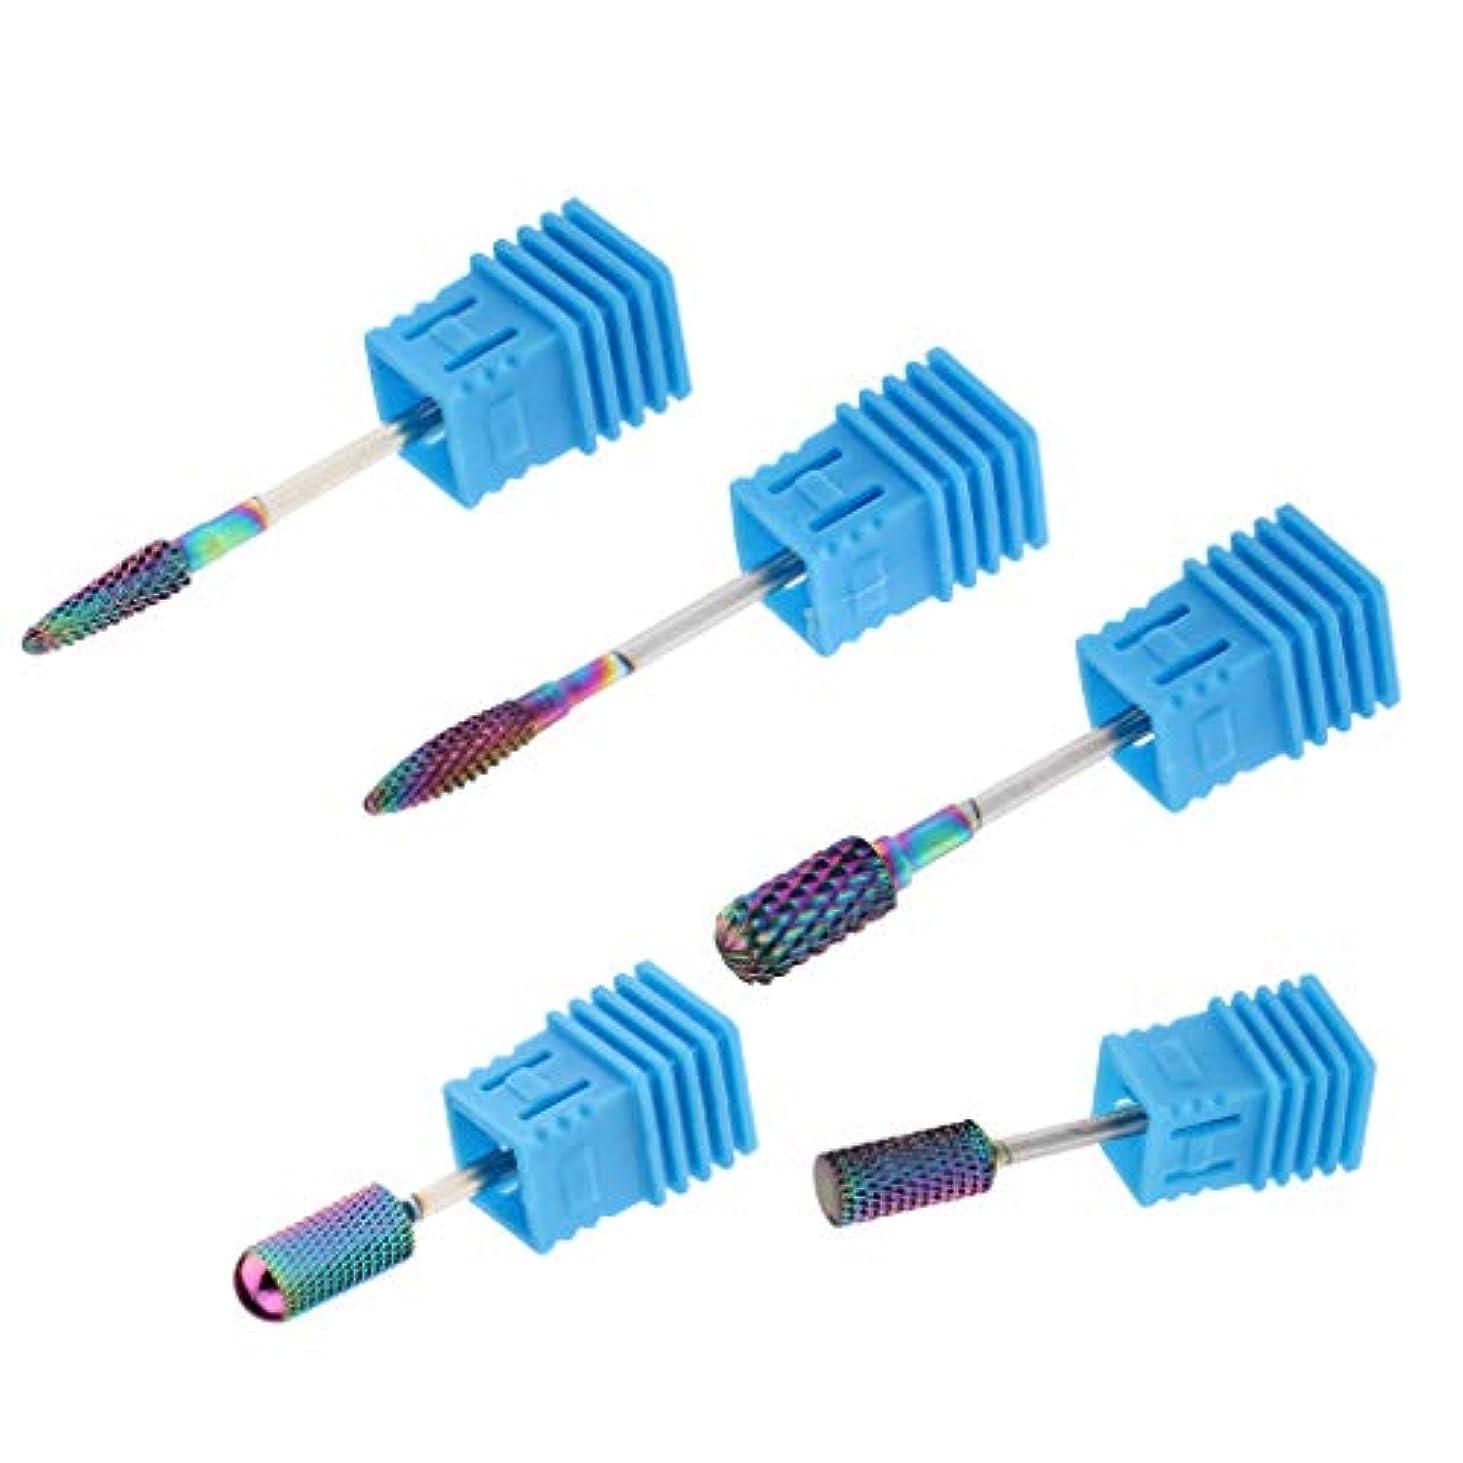 足枷レンダー西SM SunniMix 陶磁器ドリルビット ネイルドリルビット ロータリーファイル 研削ネイル 切削工具 耐摩耗性 5個入